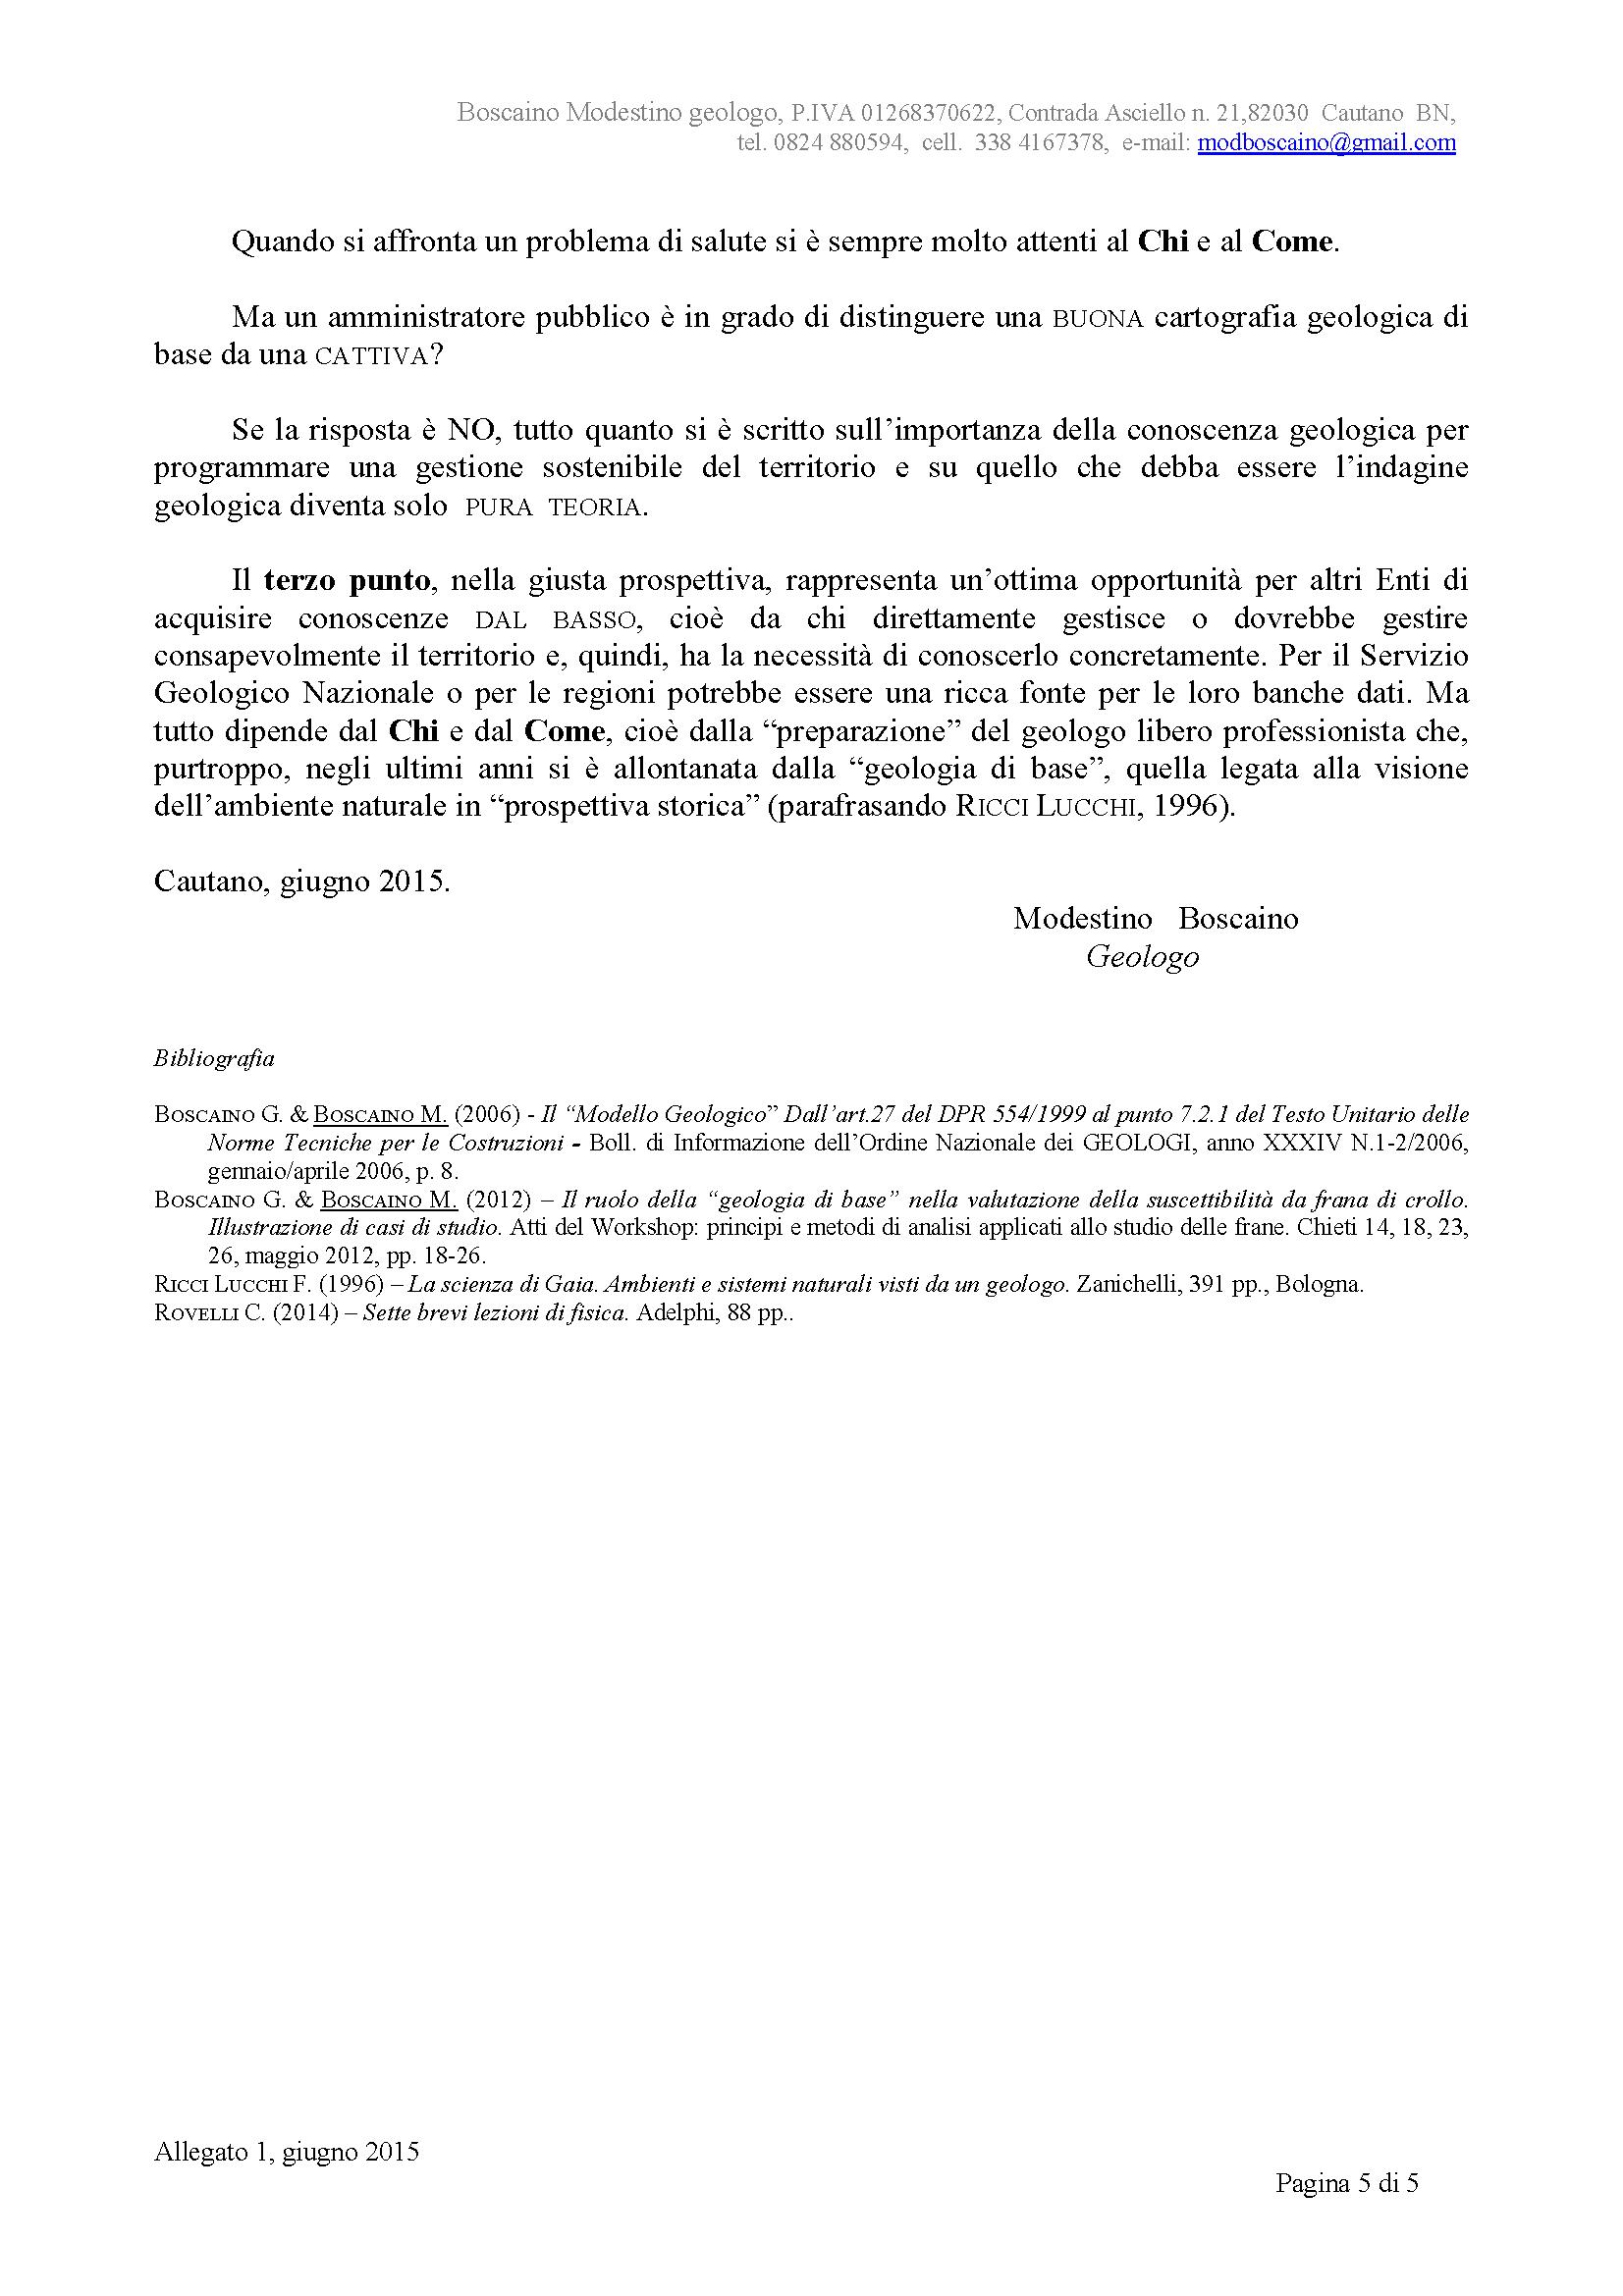 Allegato-2-Appello-ANL-2015_Pagina_8